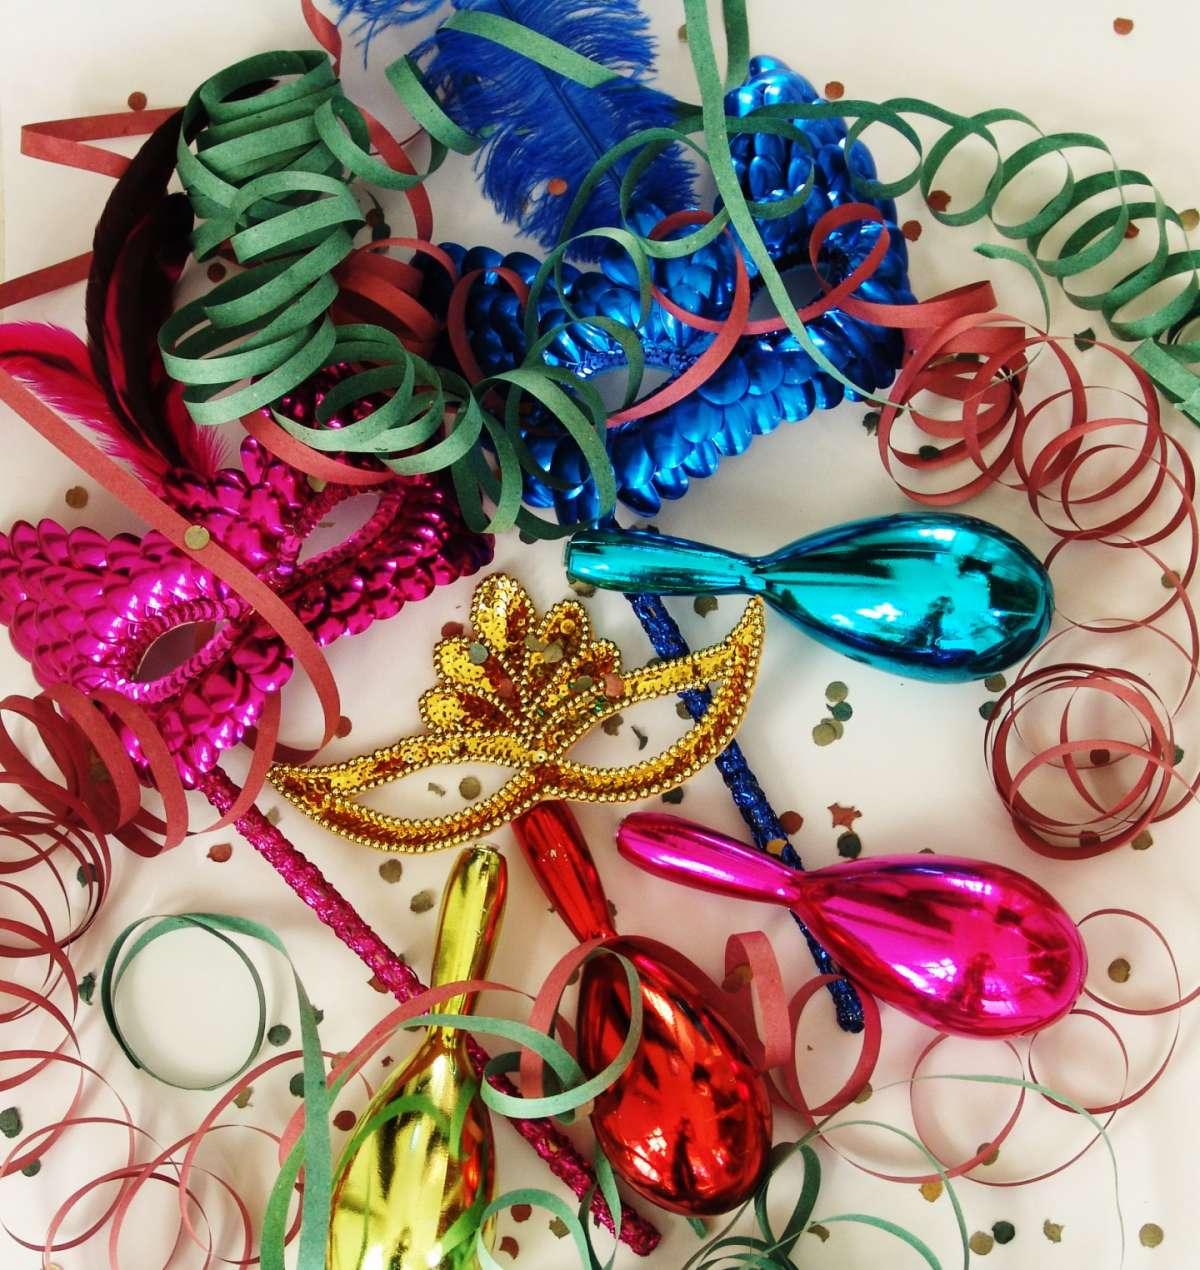 Lavoretti per bambini, addobbi fai da te per Carnevale [FOTO]